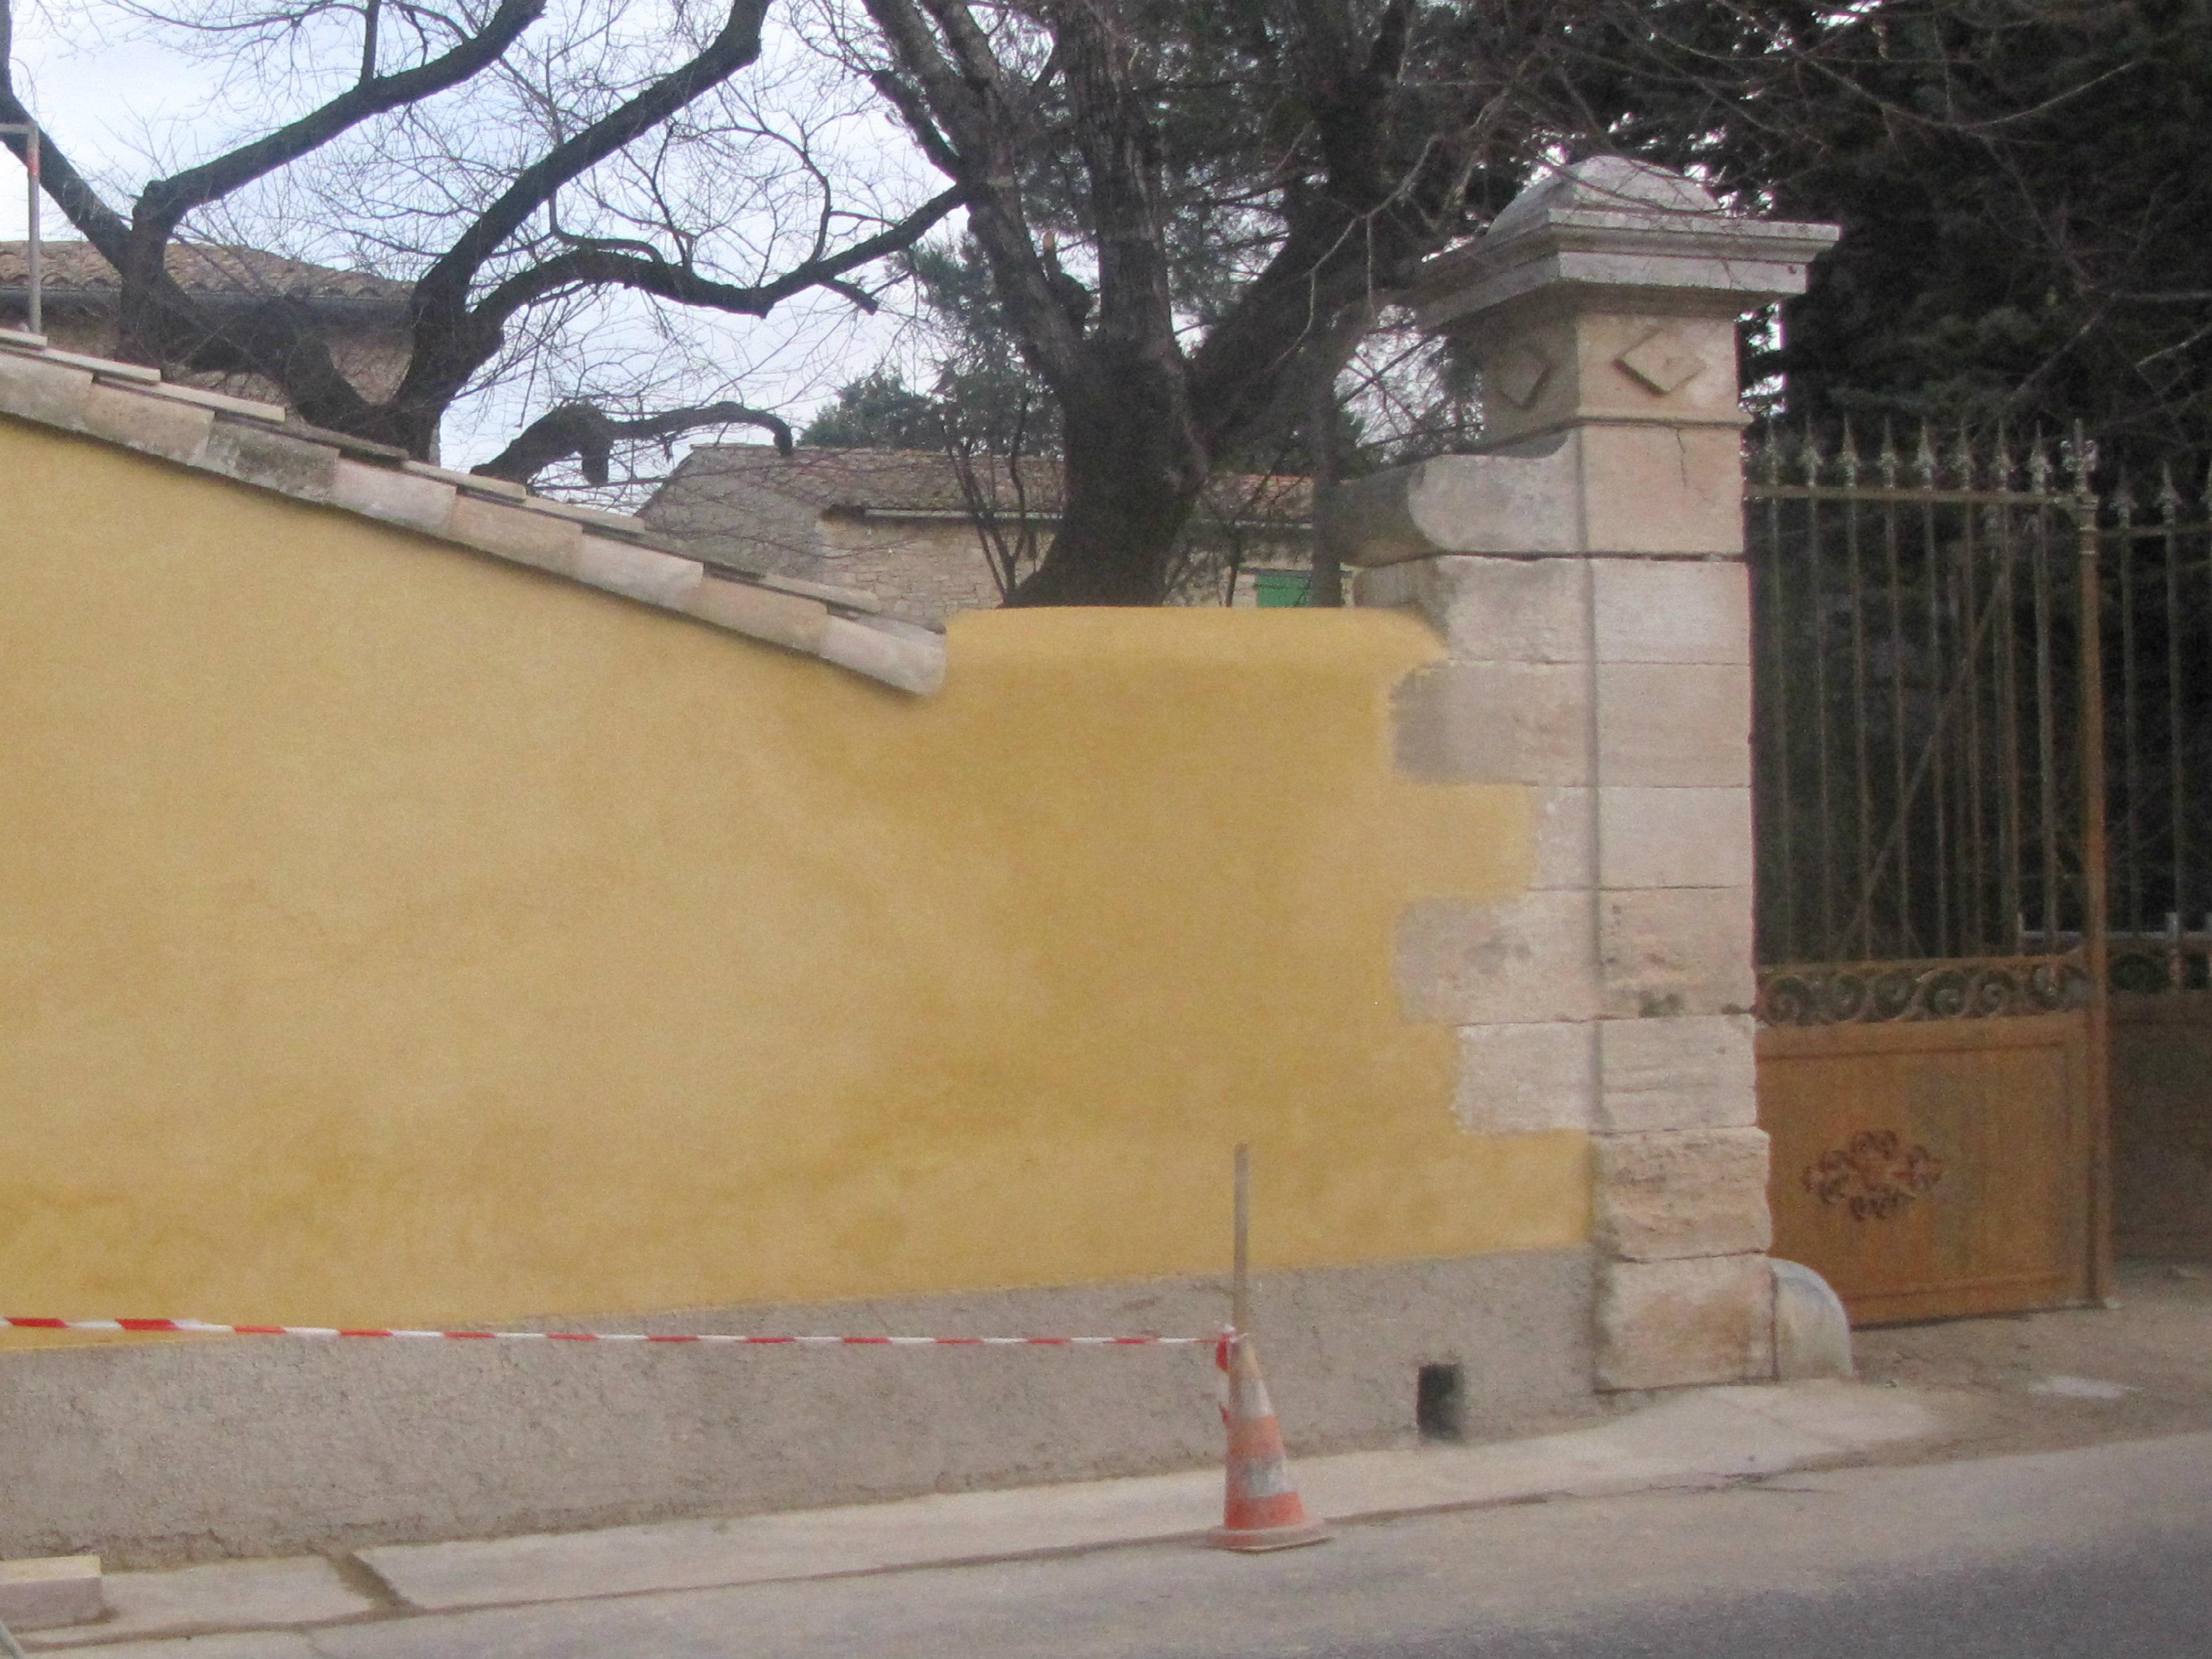 Desportes Rénovation Gard. Restauration des piliers d'un portail avec reprise du mur au crépi à la chaux, 3 couches taloché.